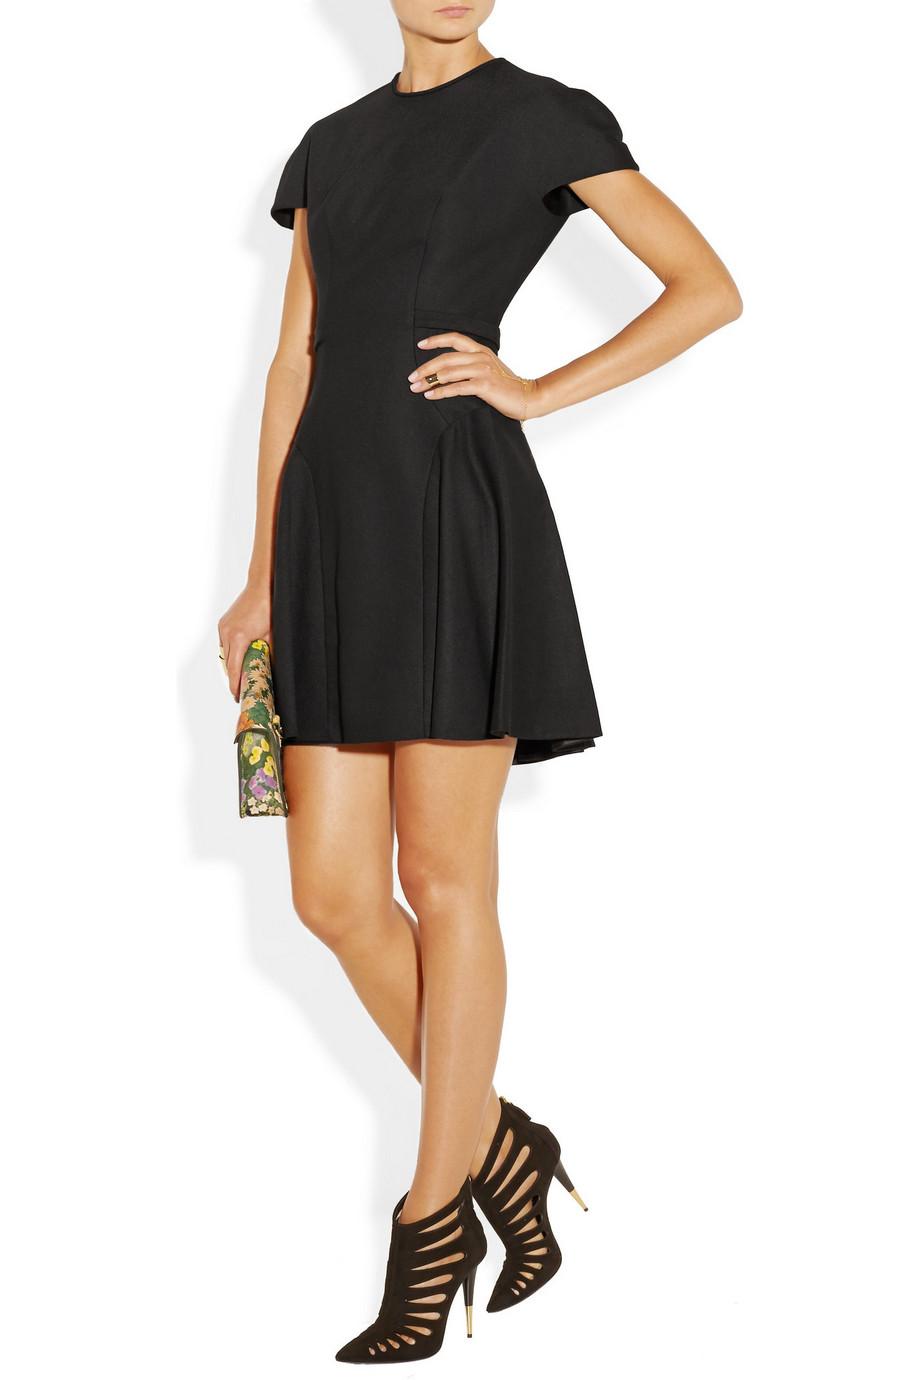 DELPOZO Twill Mini Black Dress | Day to Night Dresses for Fall